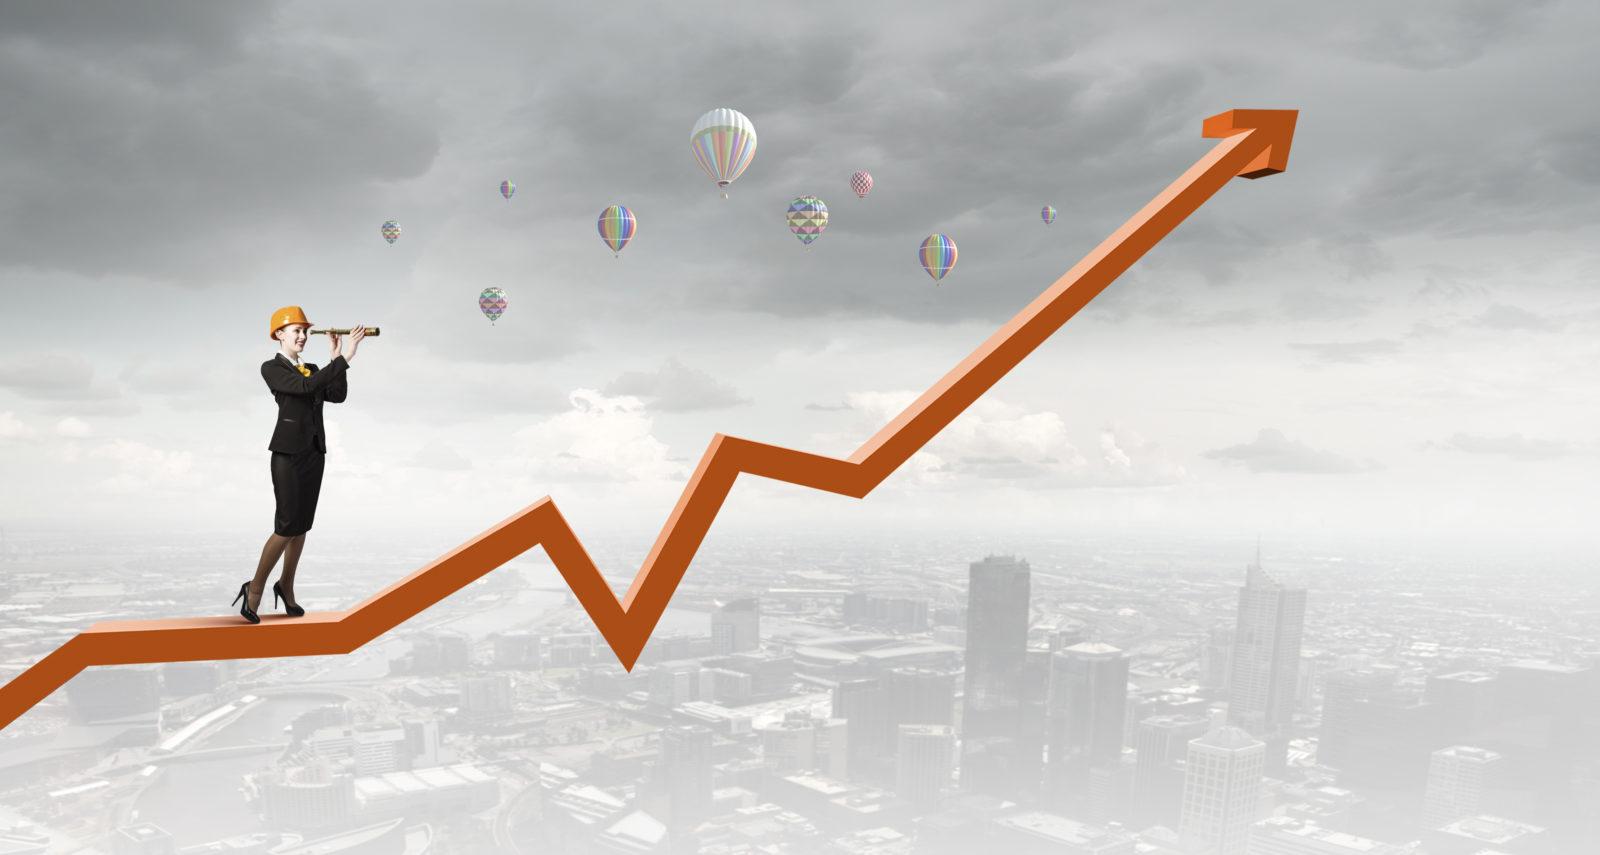 Les perspectives de croissance en Suisse restent modestes pour 2013 et 2014